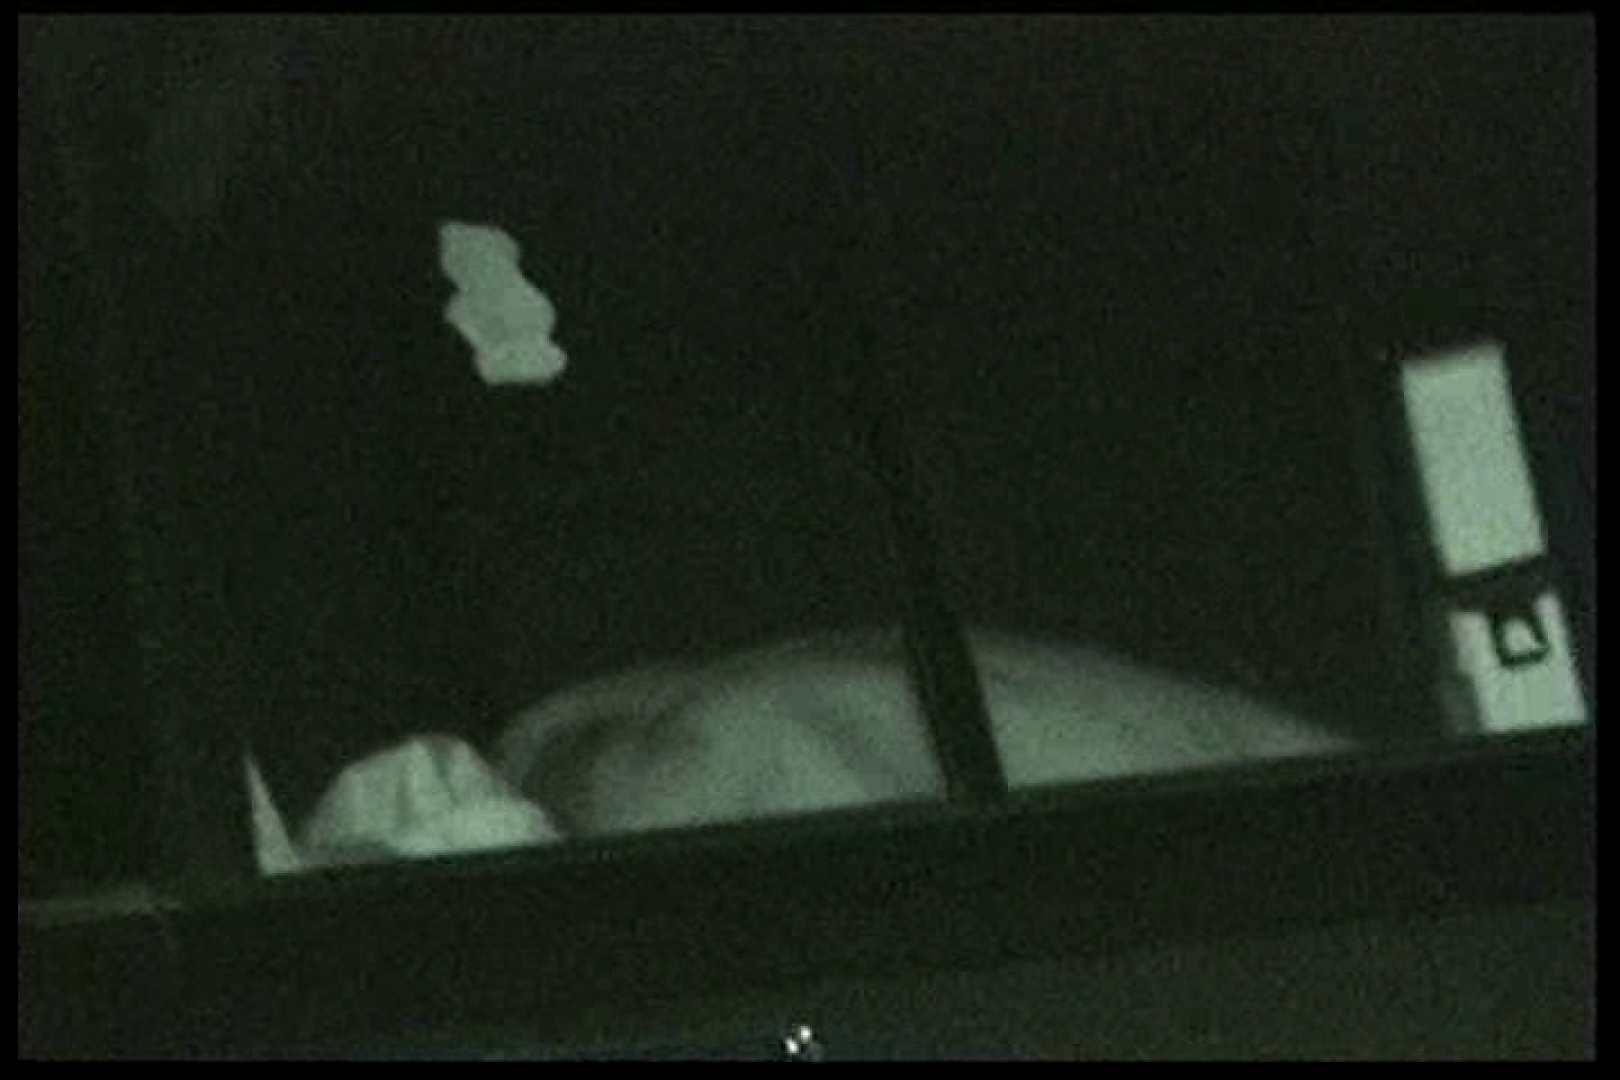 車の中はラブホテル 無修正版  Vol.14 ホテル 盗み撮り動画キャプチャ 100画像 28